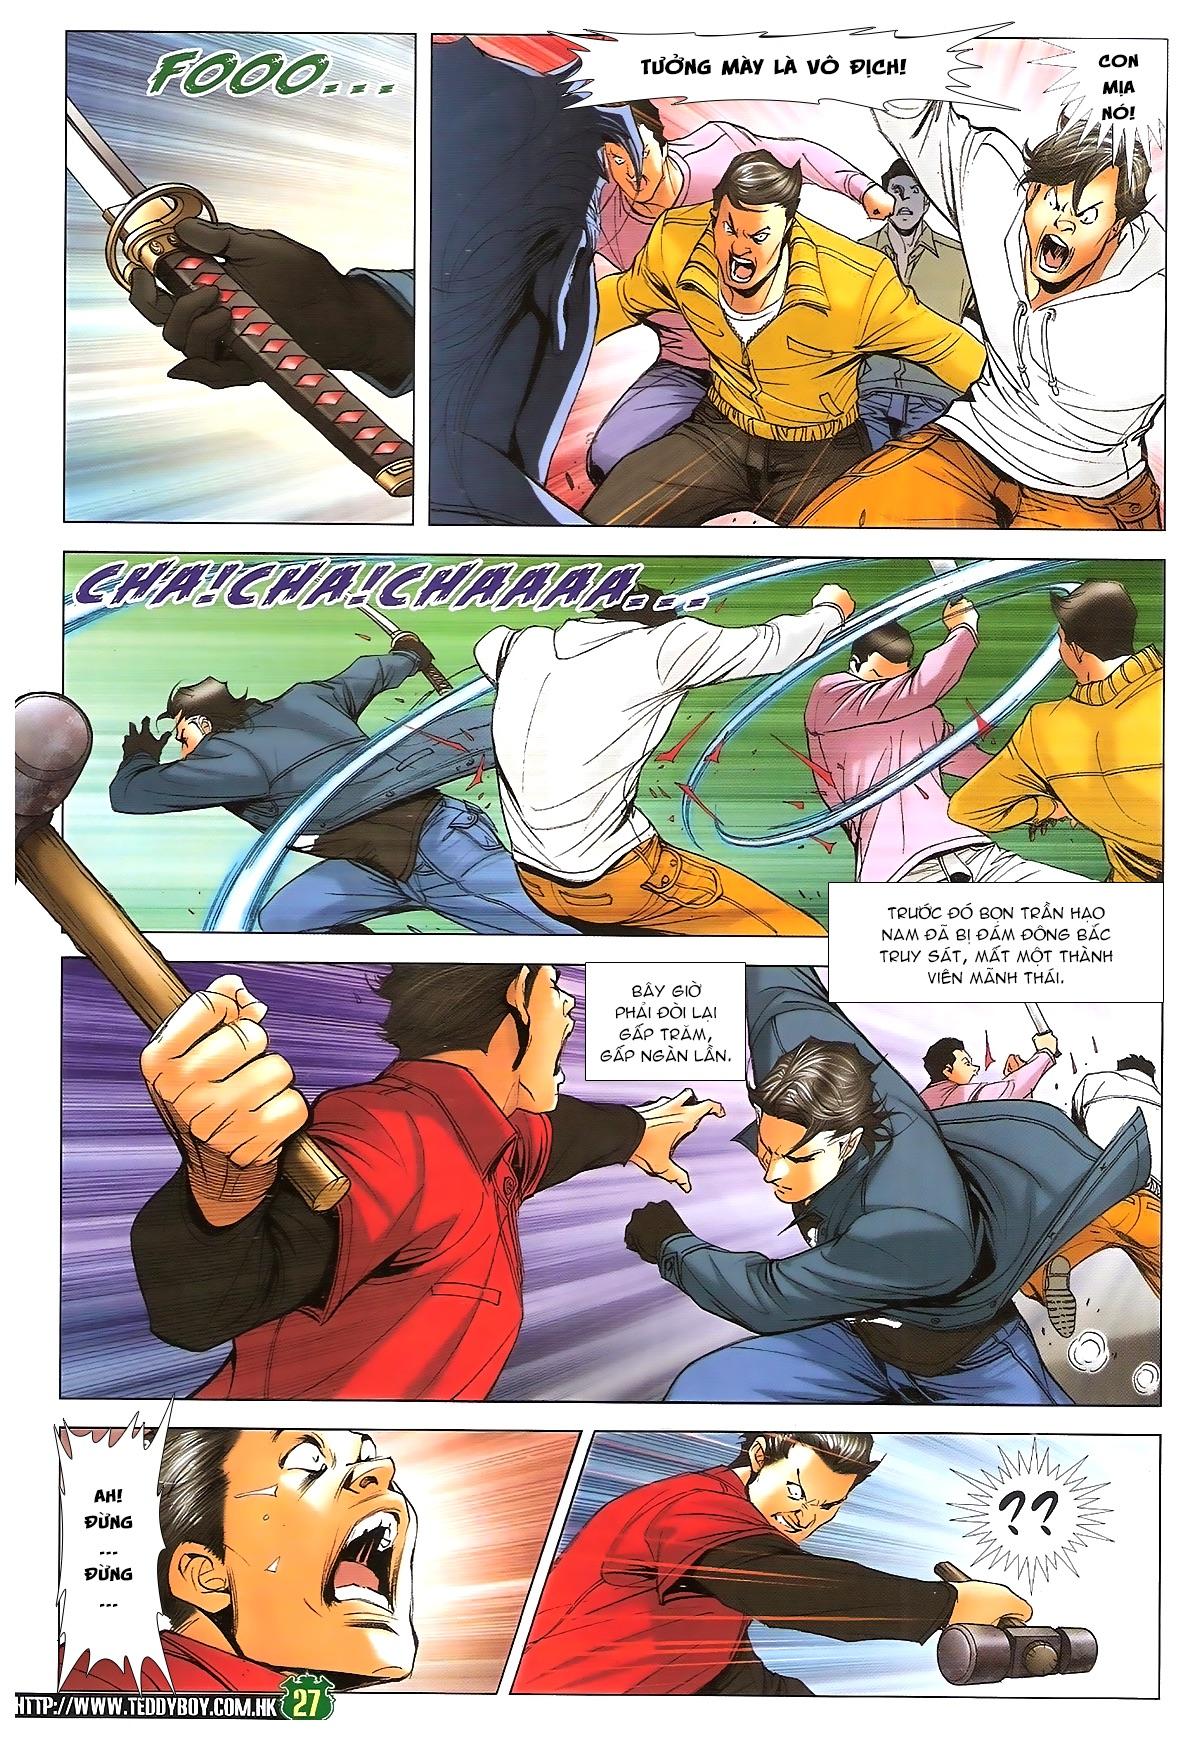 Người Trong Giang Hồ - Ngũ Hổ qui thiên - Chapter 1698: Tận địa nhất bảo - Pic 26